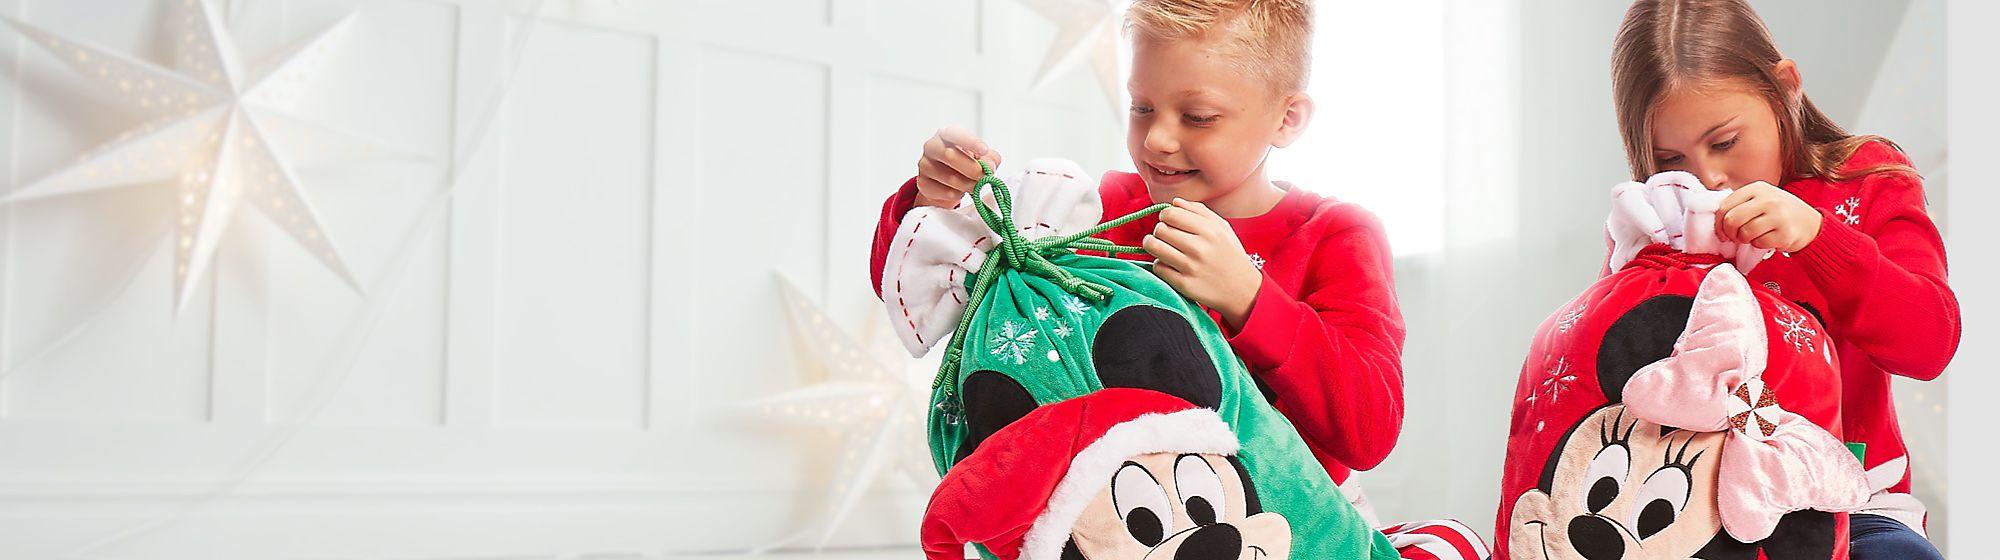 Accesorios para el hogar de Navidad Llévate la Navidad a casa con una serie de elementos festivos